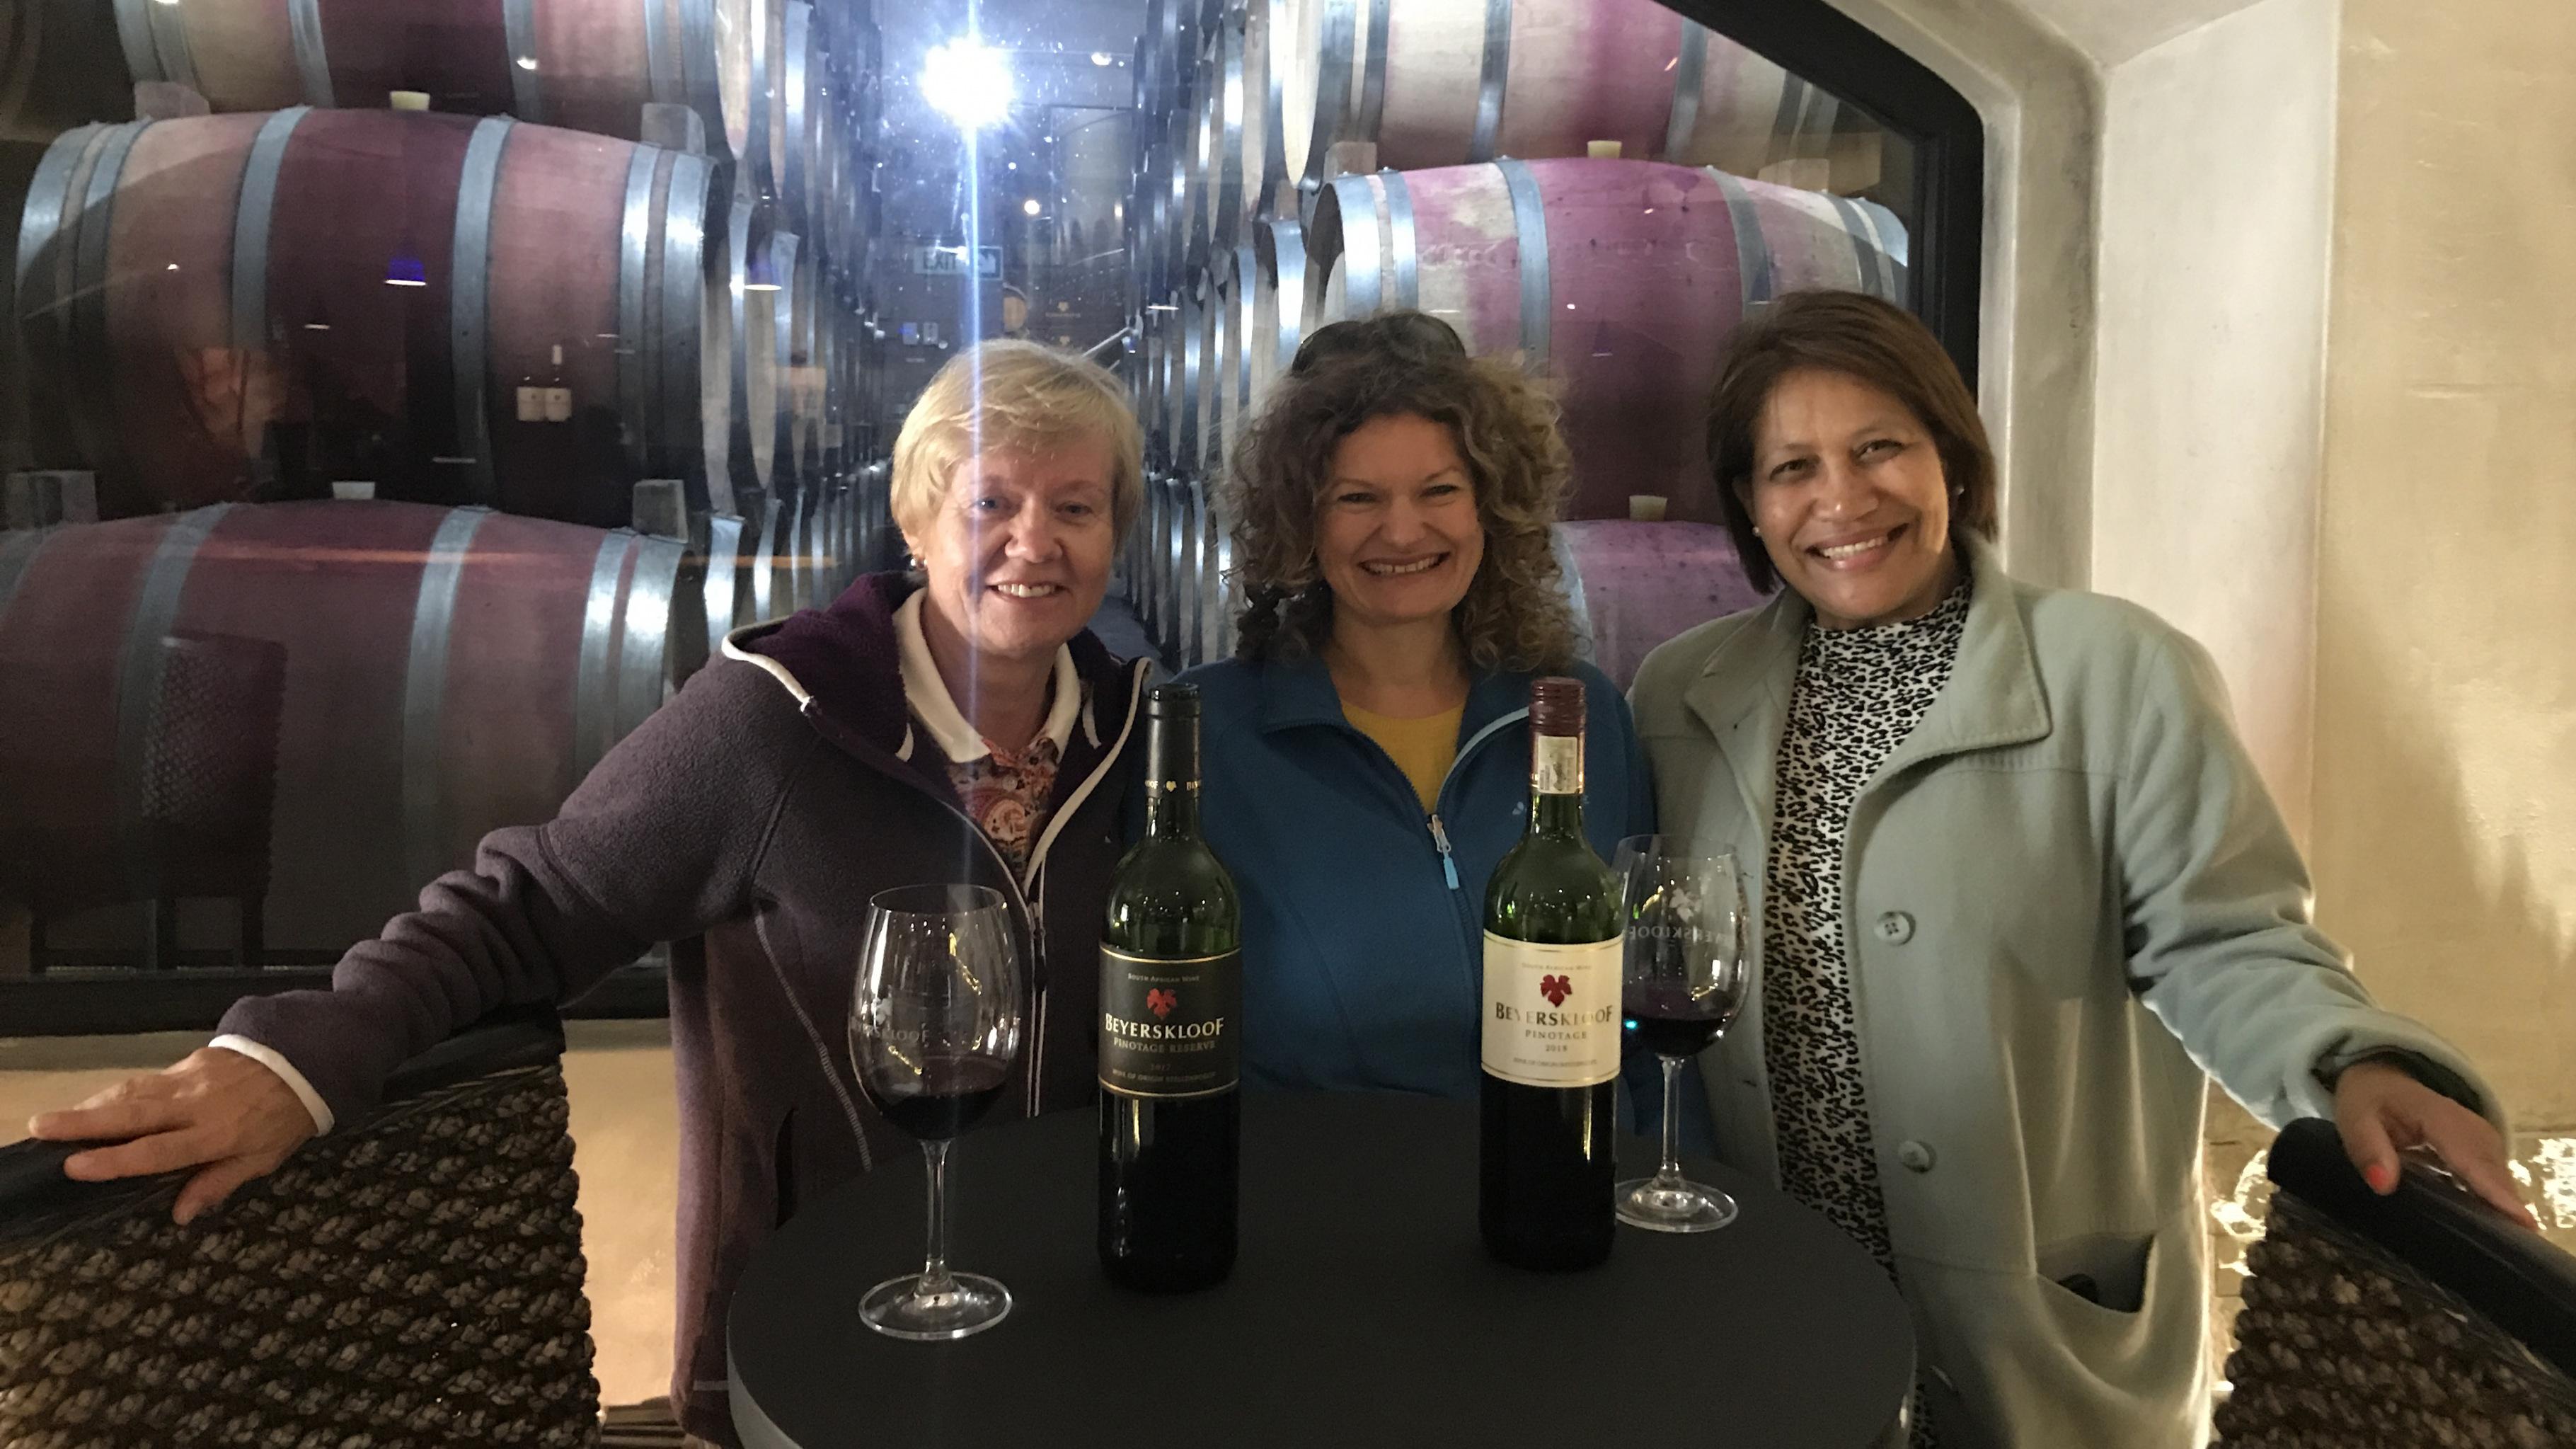 Wie es Touristen erleben: Gabriele Sarteh, Ulrike Langer und Elize Anthony im Weinkeller von Beyerskloof